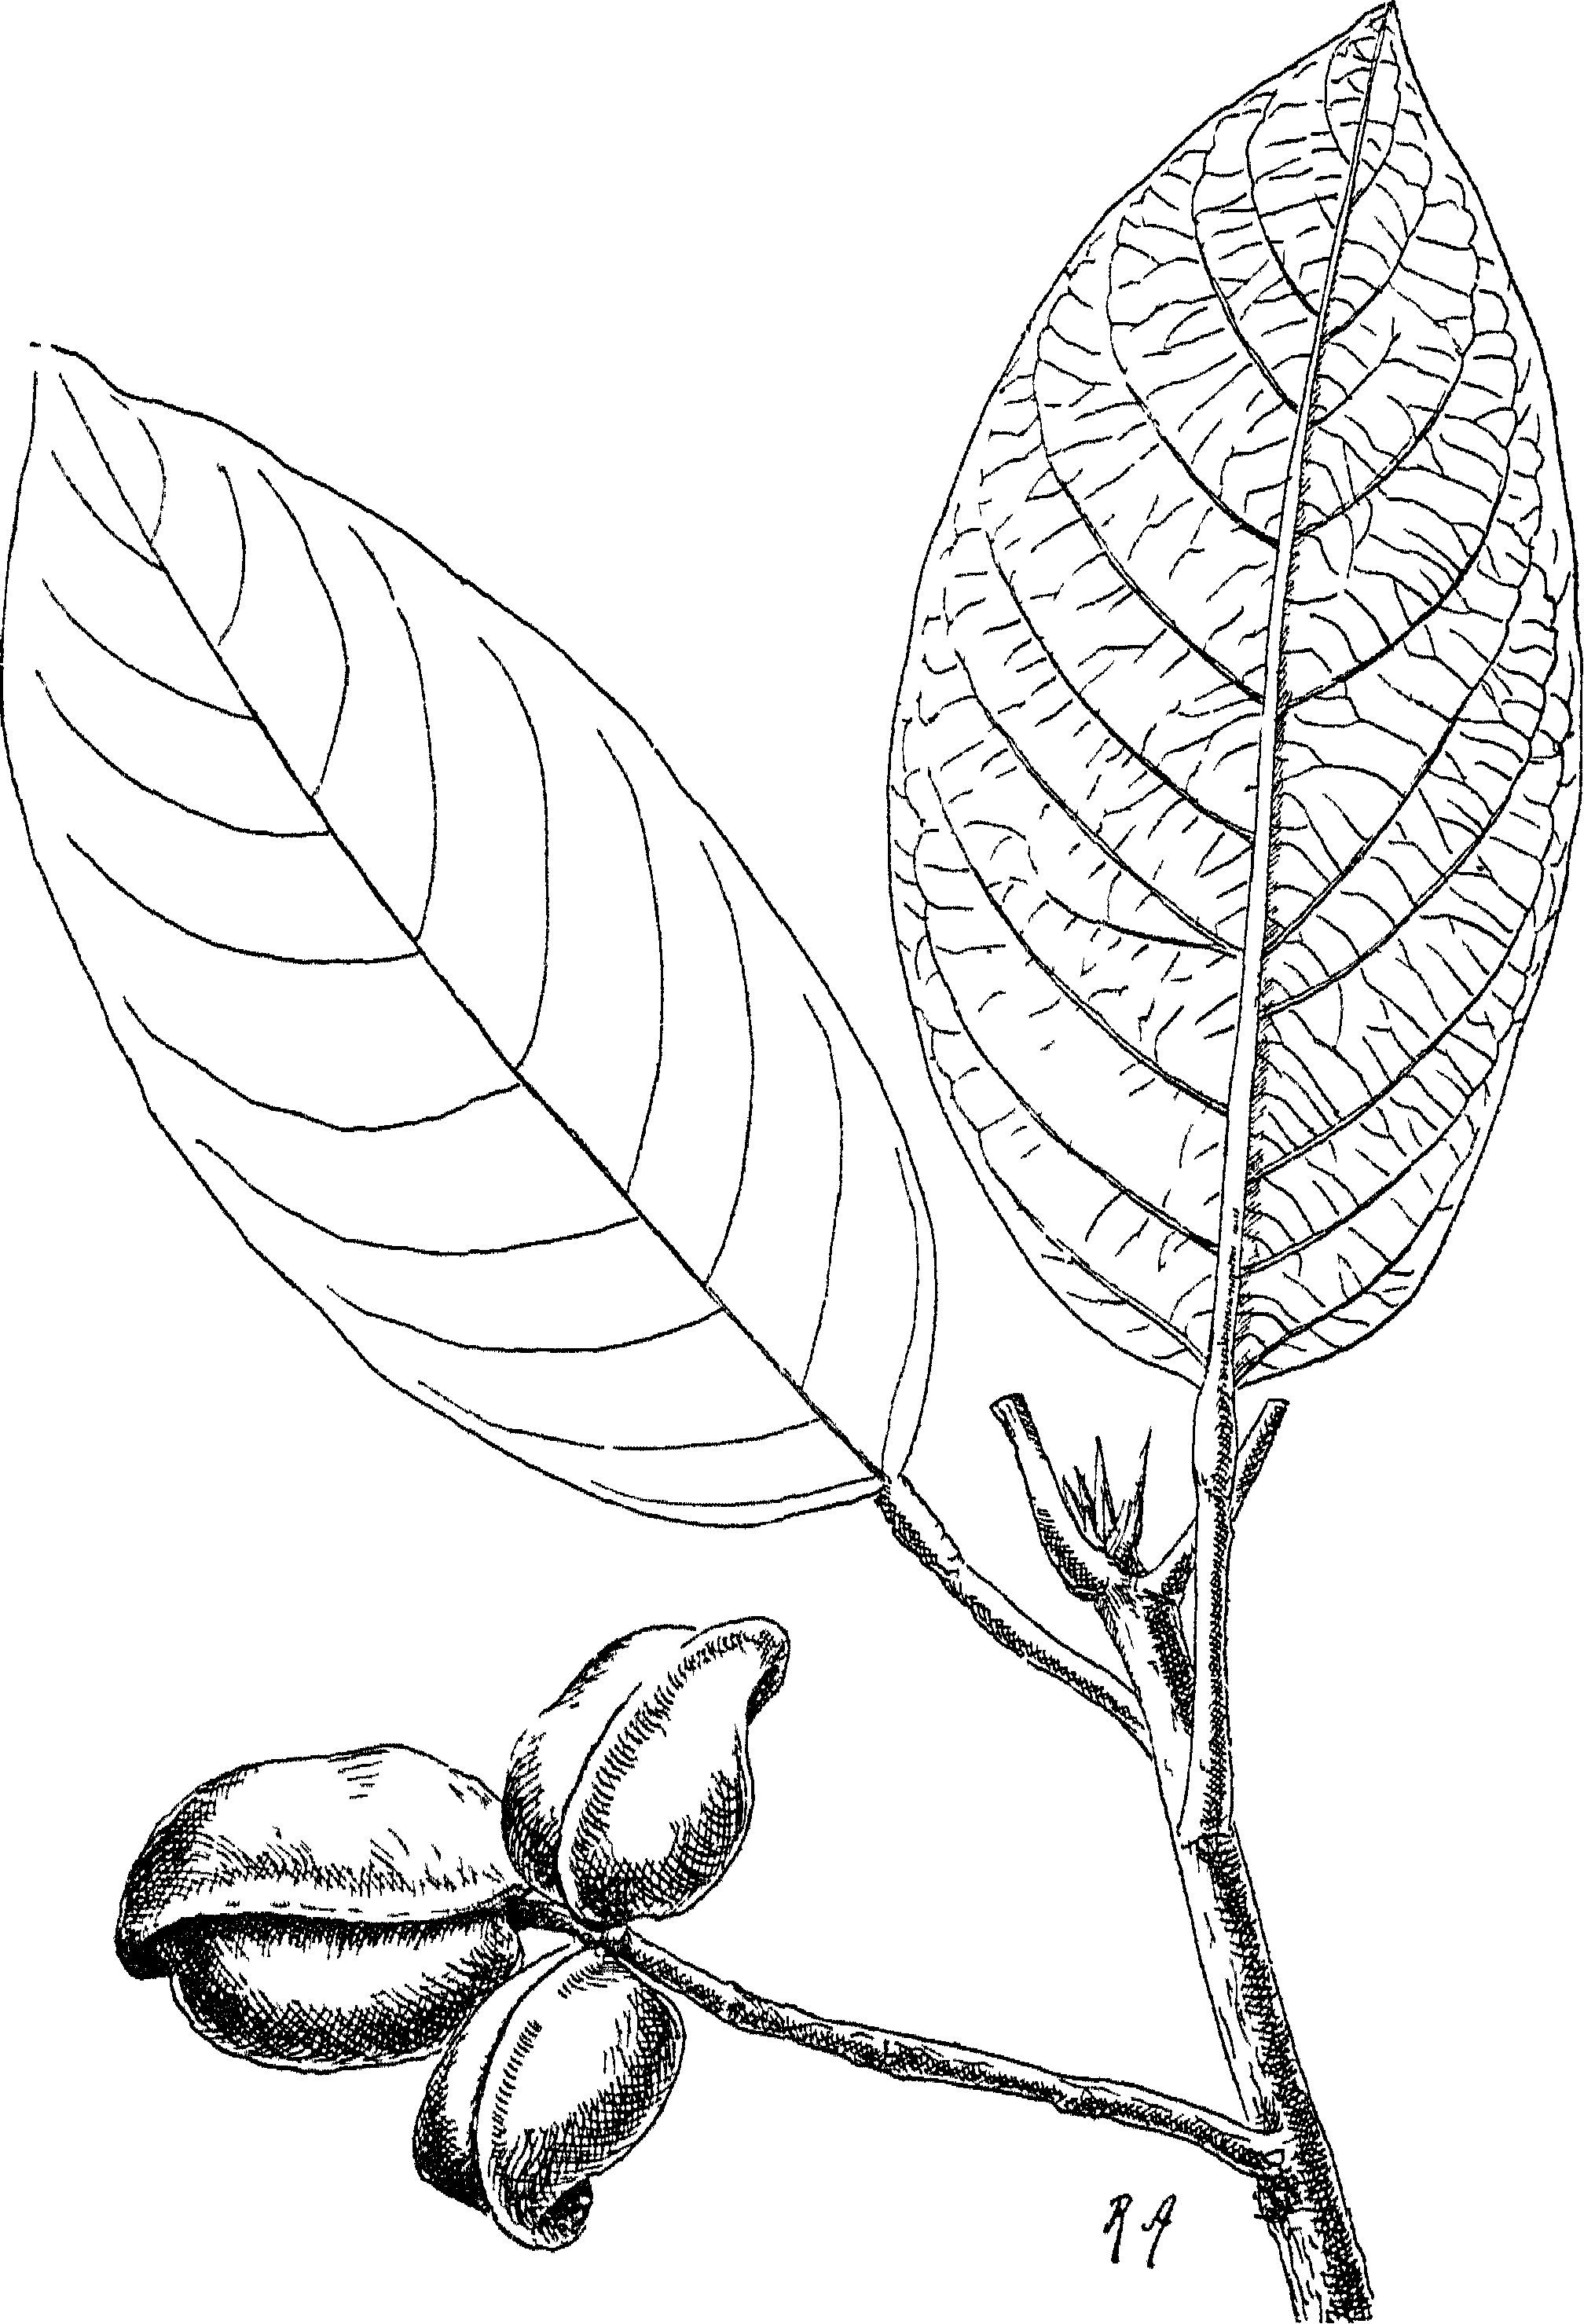 2016x2958 Fileindian Trees